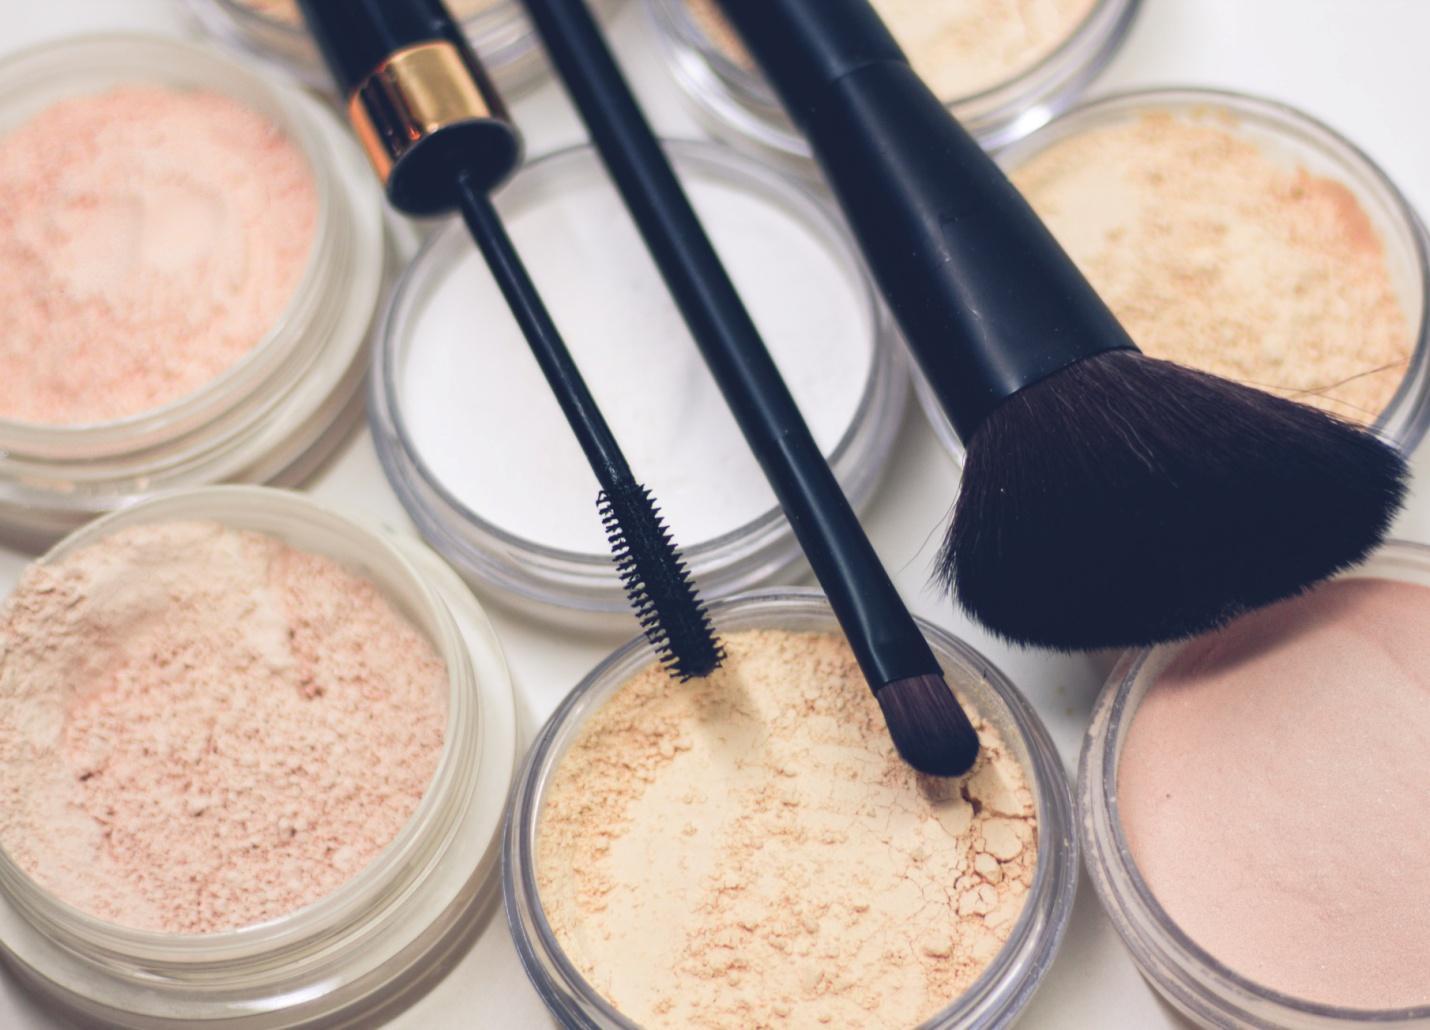 Makeup Photography Ideas